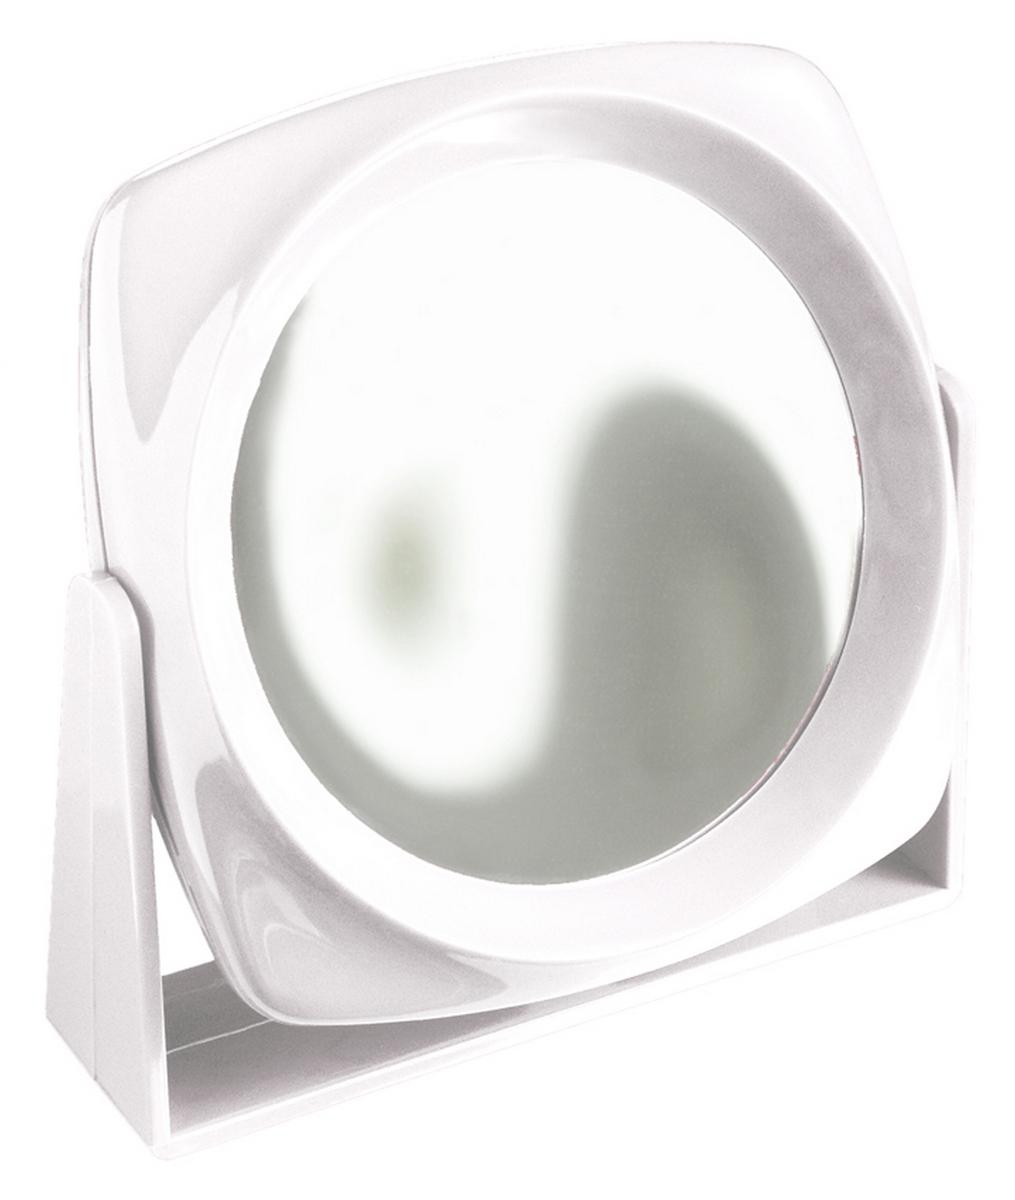 Silva Зеркало настольное, круглое, цвет: белый